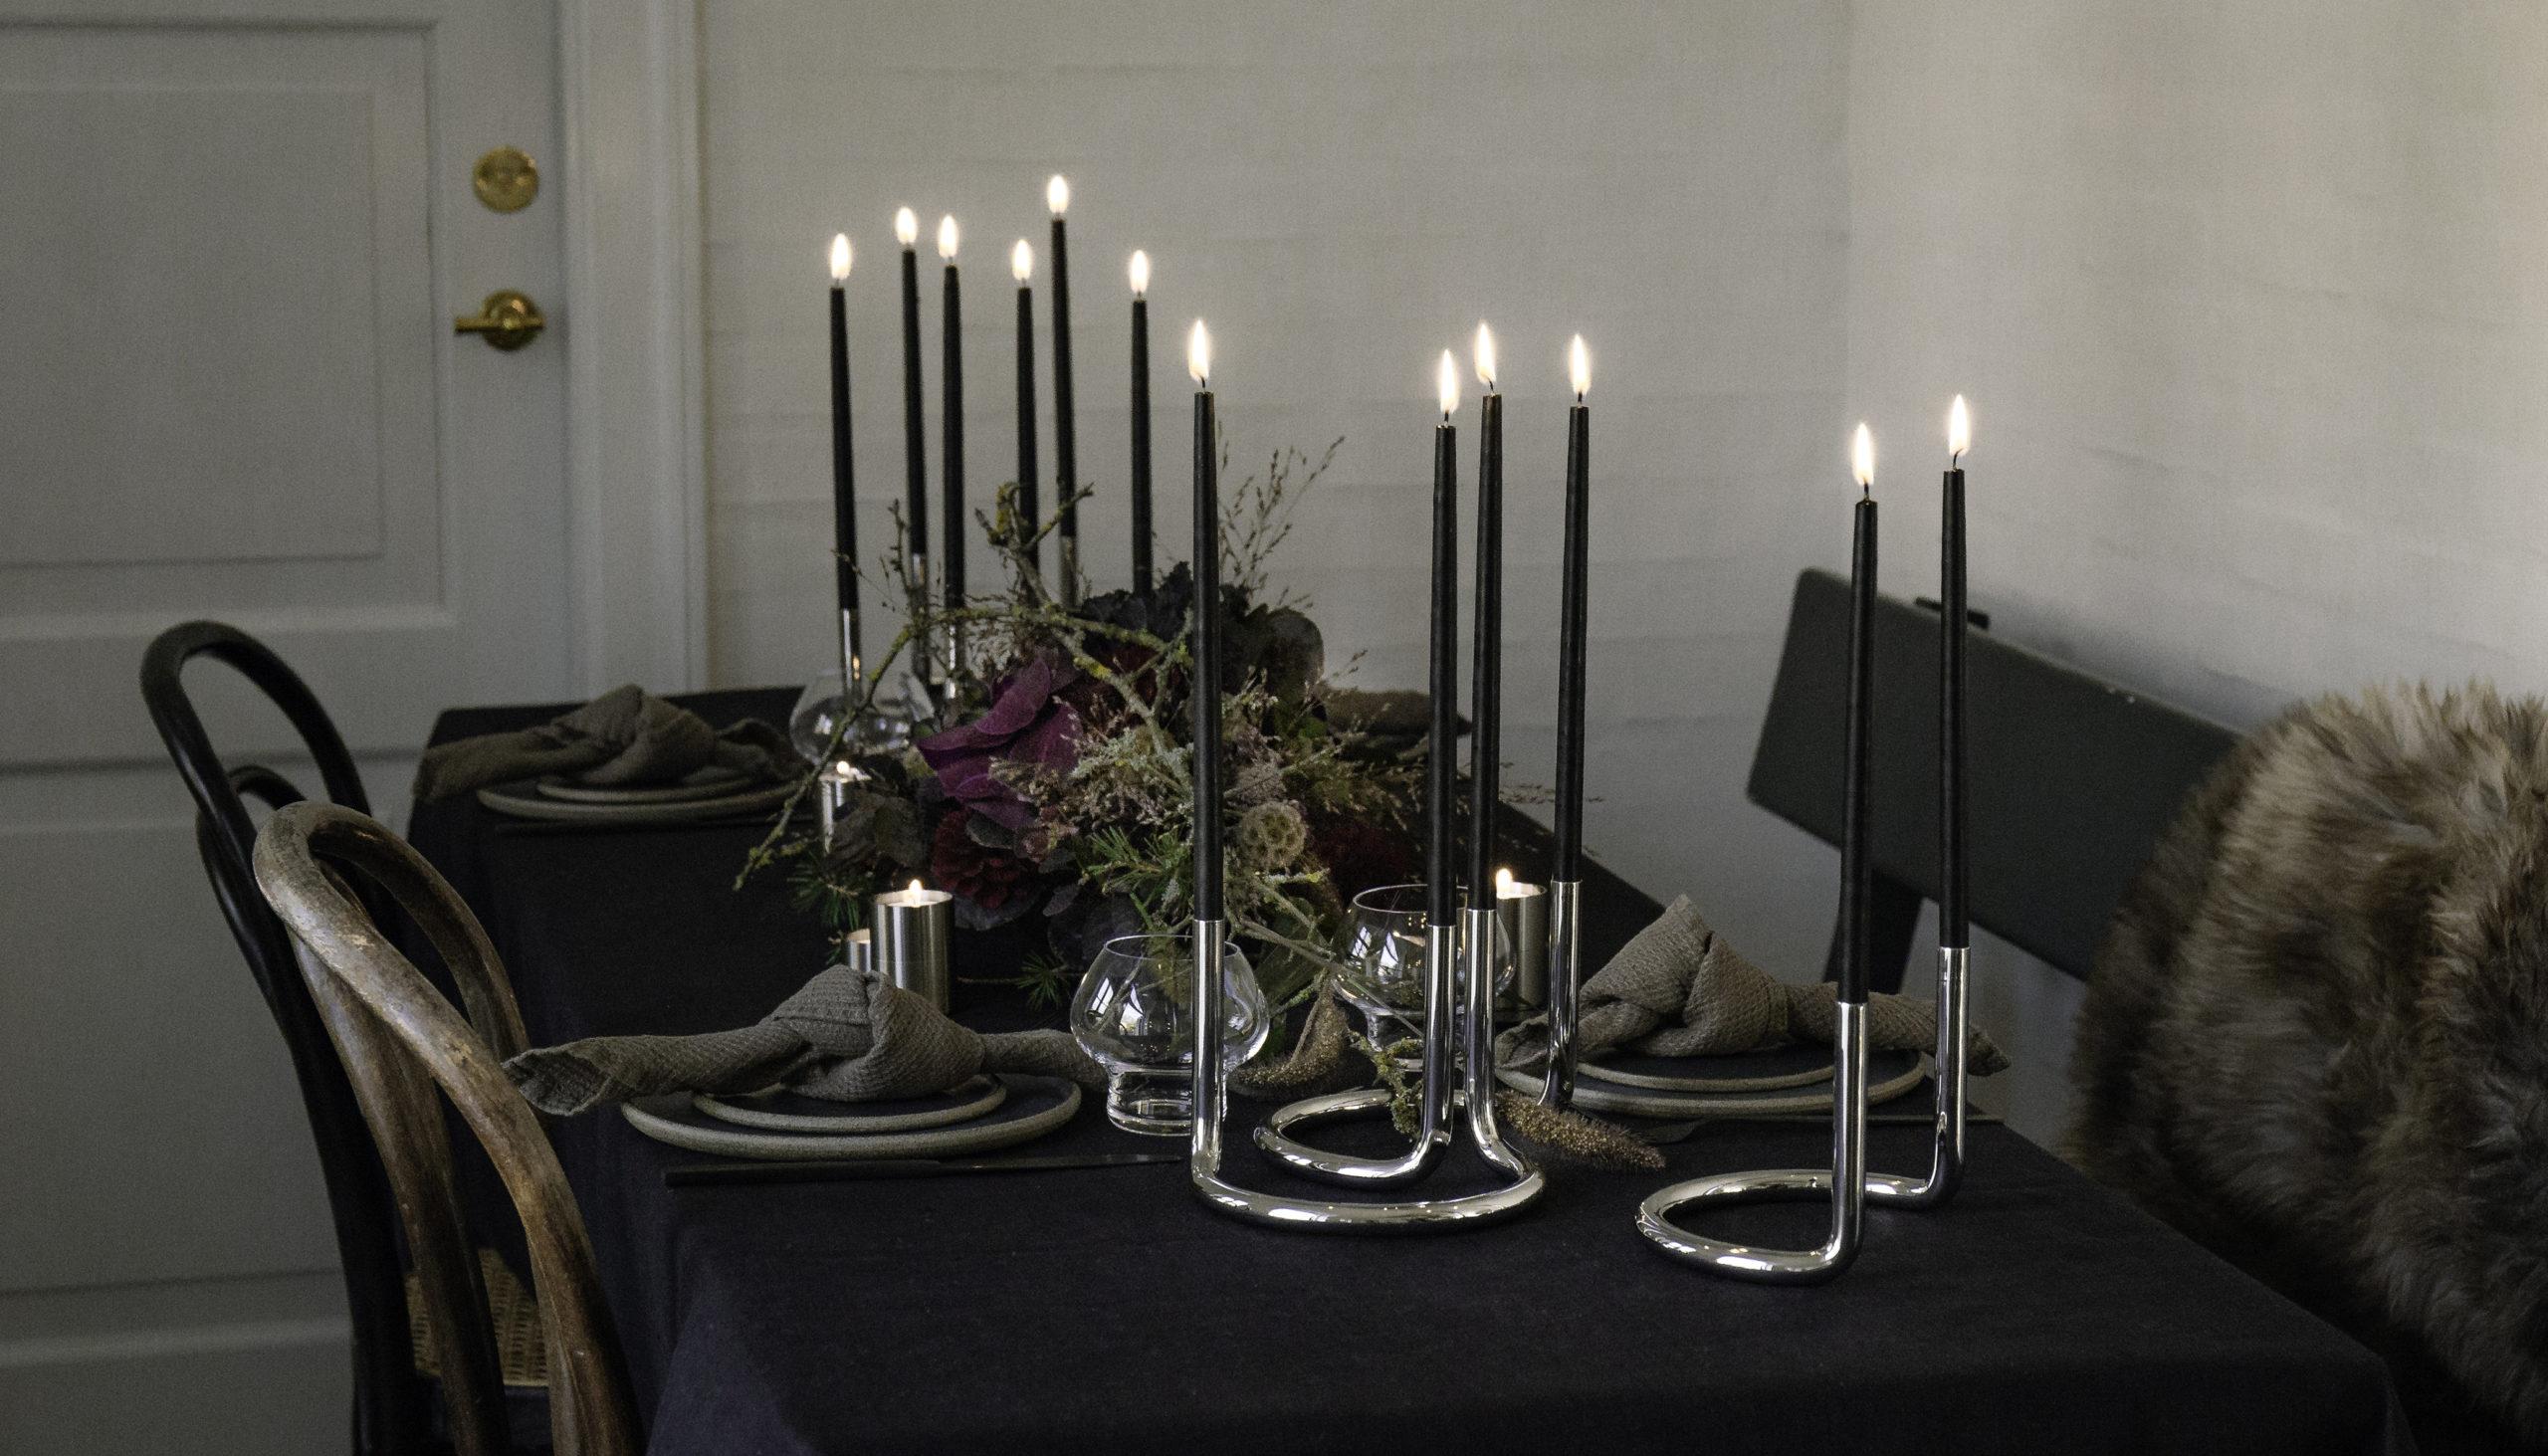 Architectmade-Gemini-Candleholder-Stainless-Steel-Denmark-Peter-Karpf-10